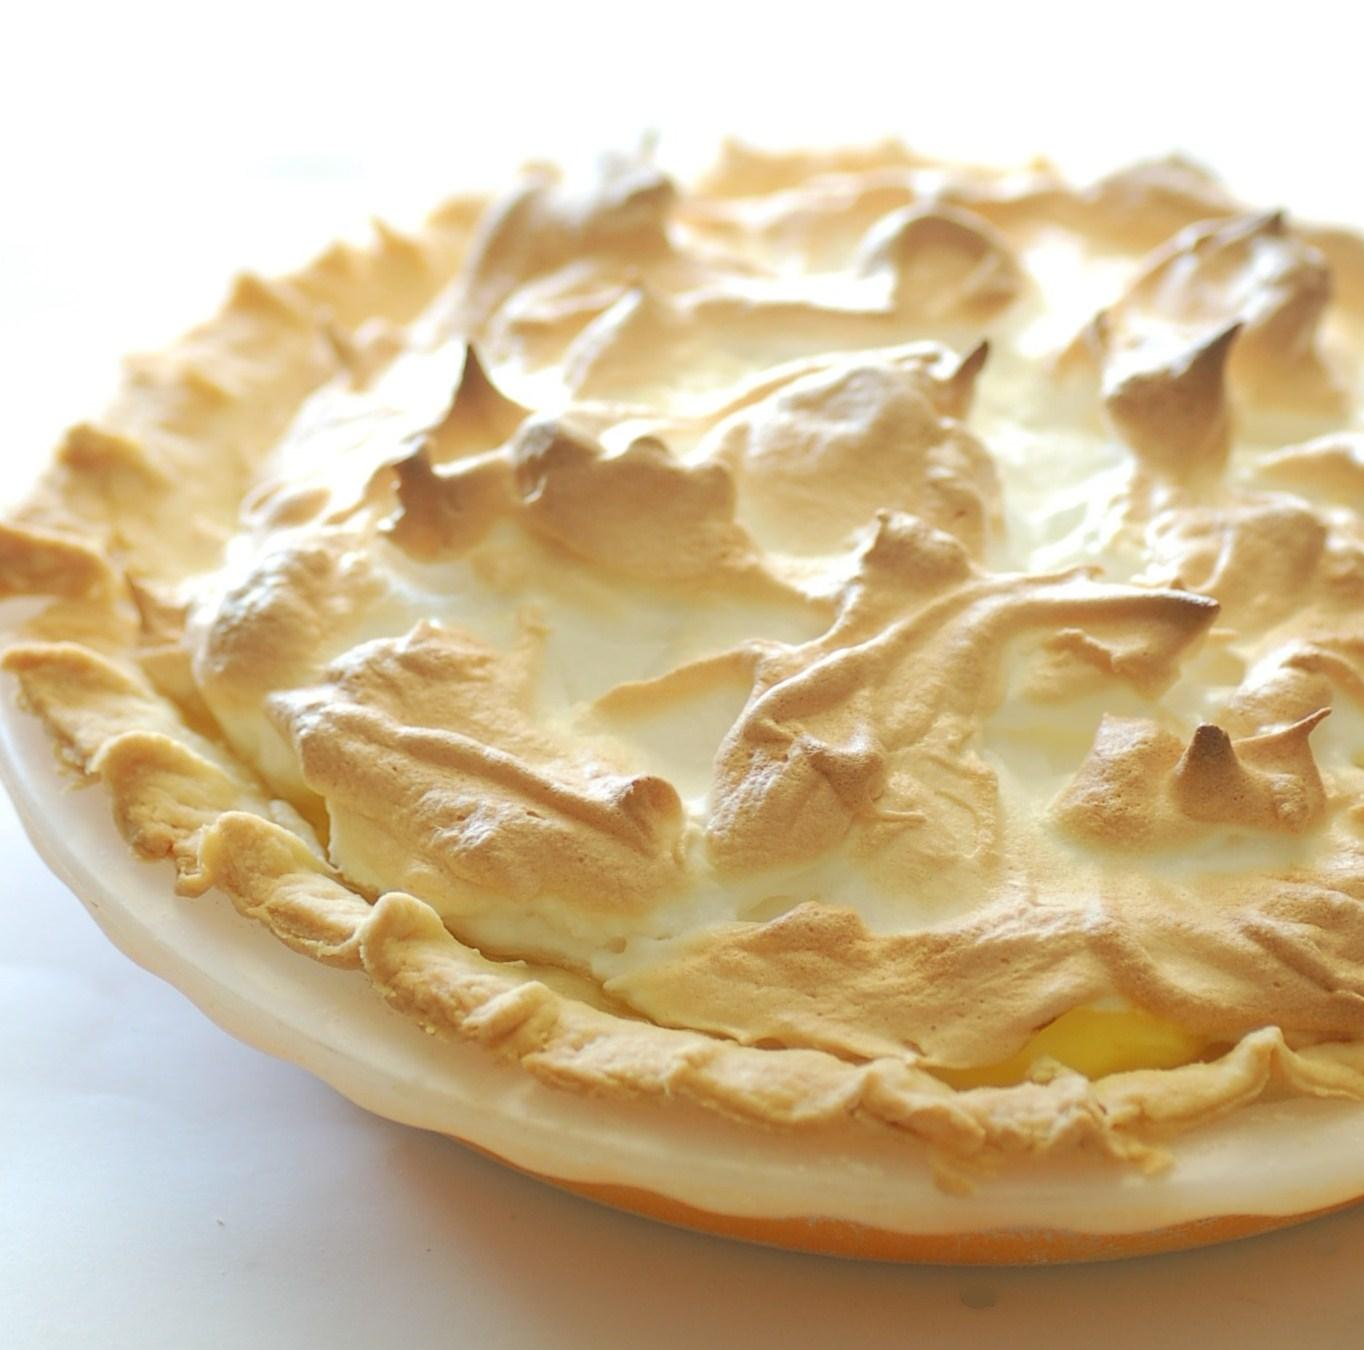 File:Mum's lemon meringue pie crop.jpg - Wikimedia Commons